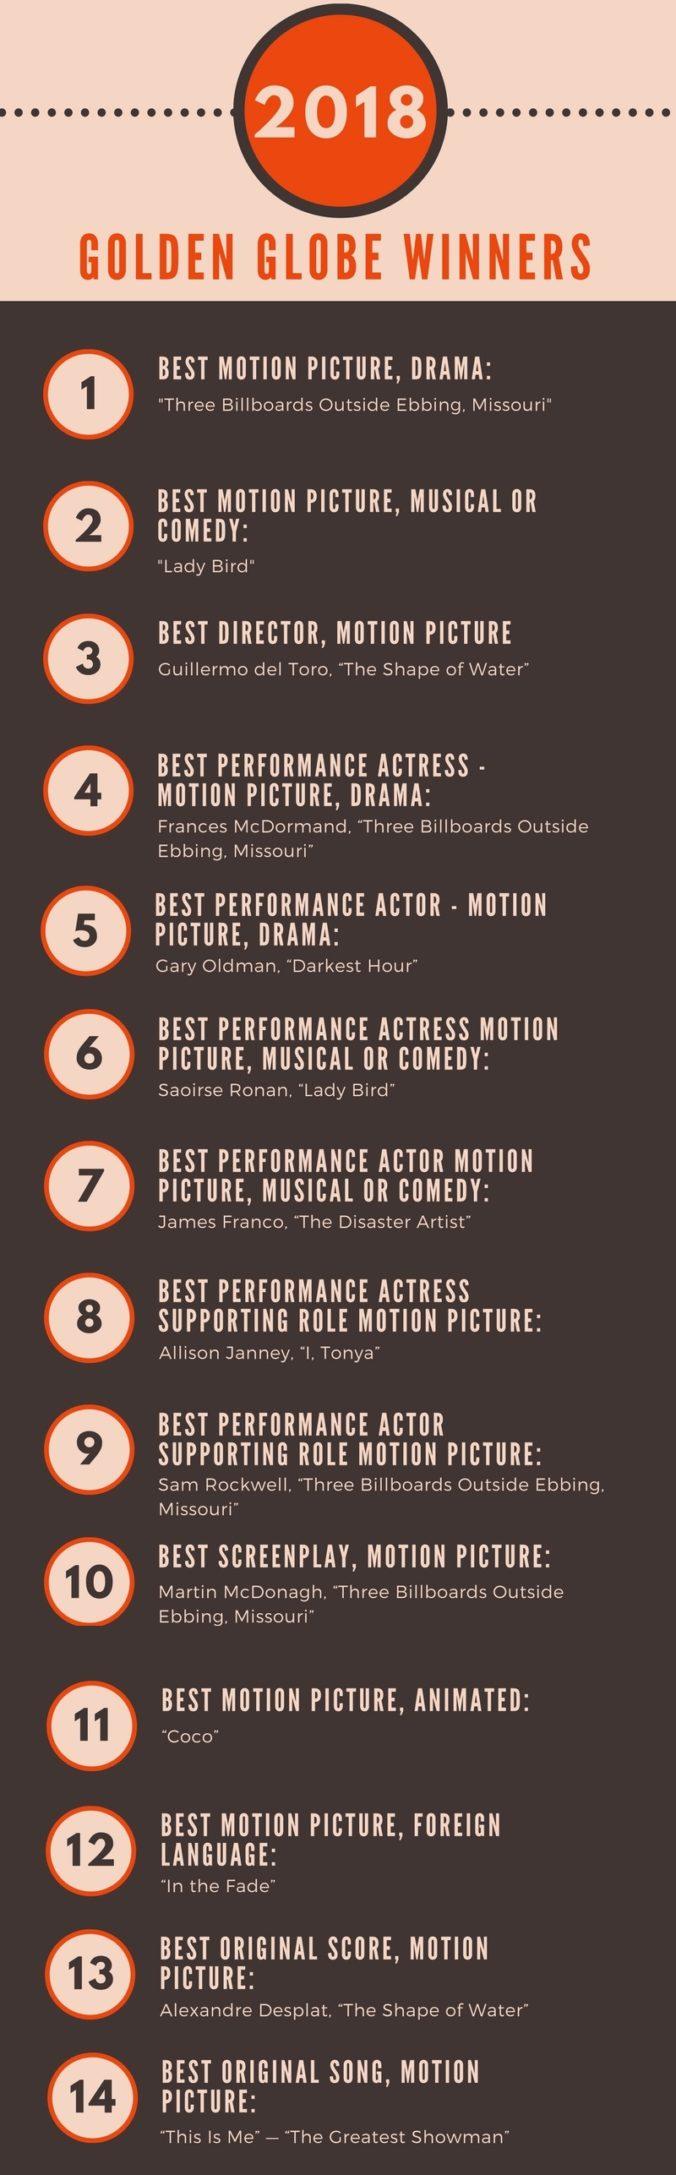 golden globe 2018 movie winners infographic